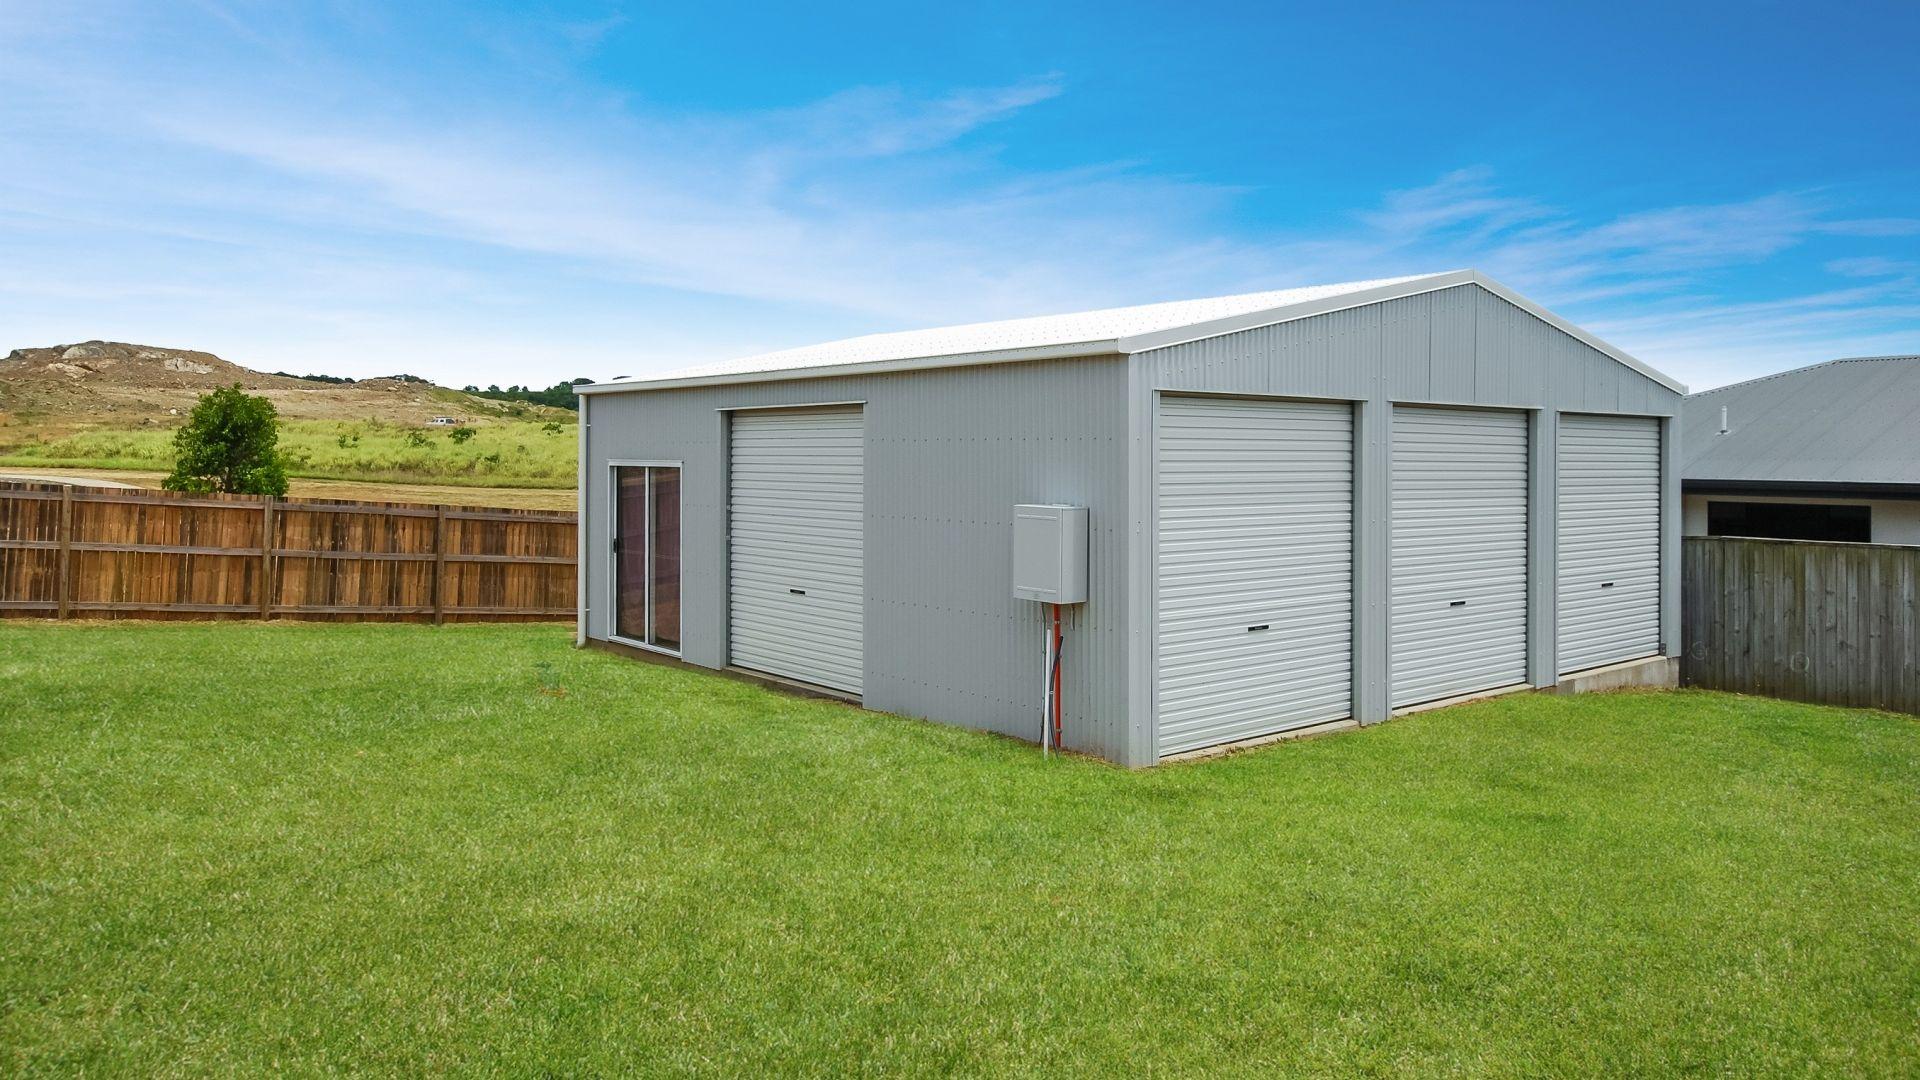 17 Herbert Way, Rural View QLD 4740, Image 1